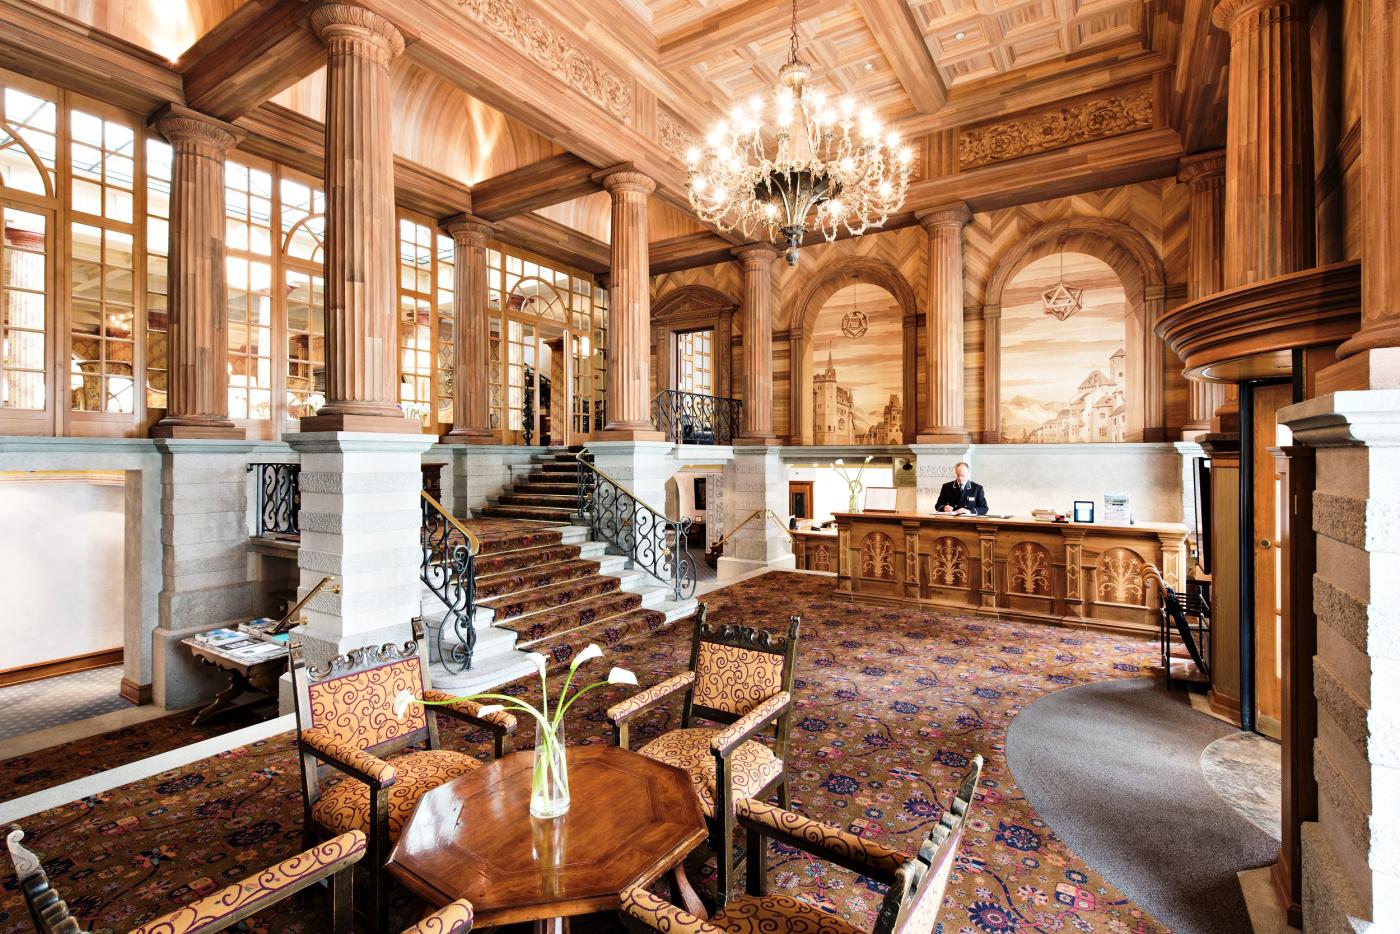 Luxury hotel Saint Moritz kulm hotel wedding